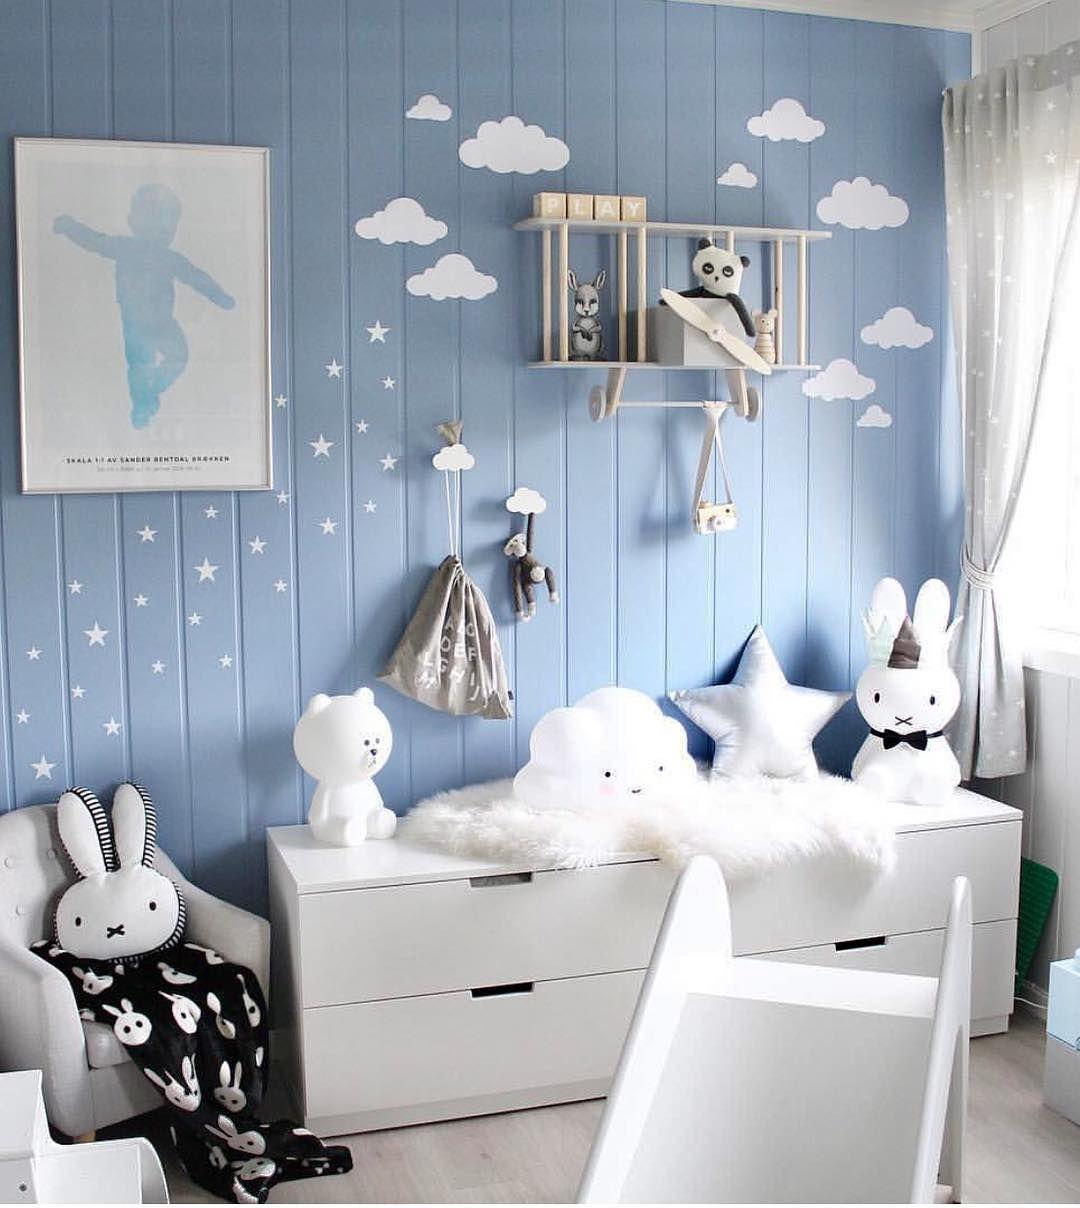 Blaues Kinderzimmer mit Flugzeug Regal, Kinderrutsche und